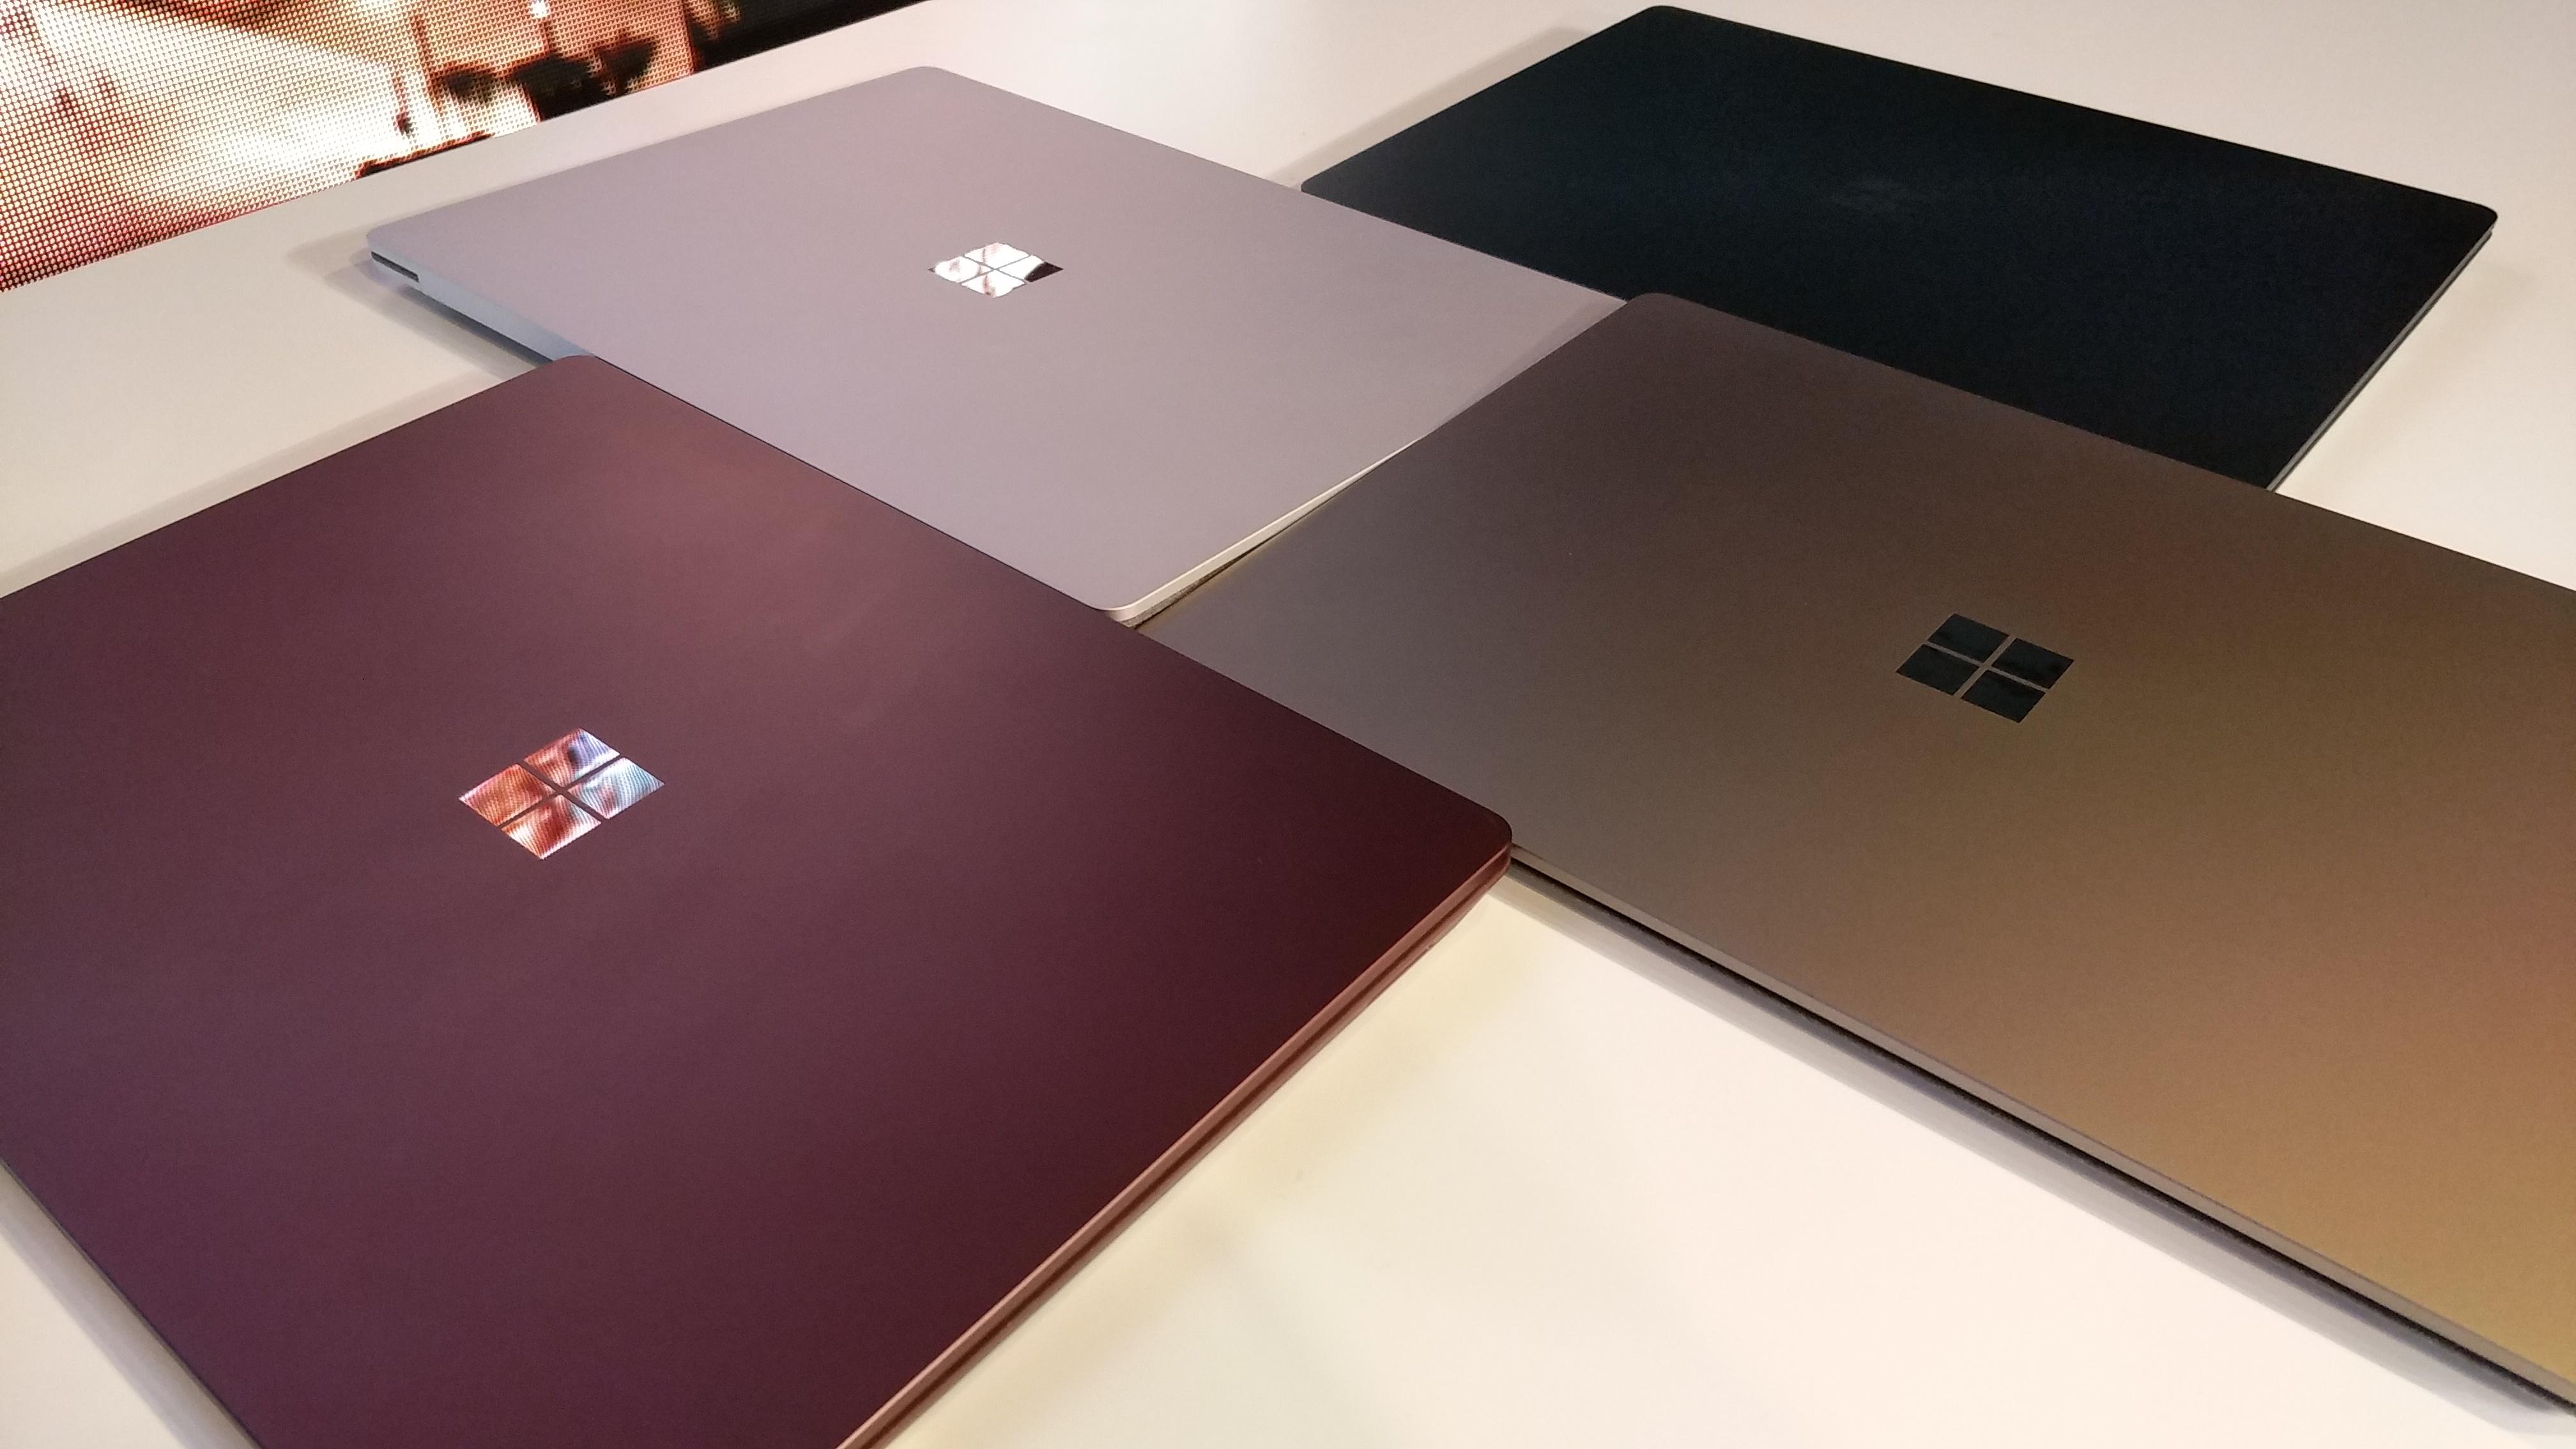 微软Laptop对比苹果新款MacBook,你会选择谁?的照片 - 3